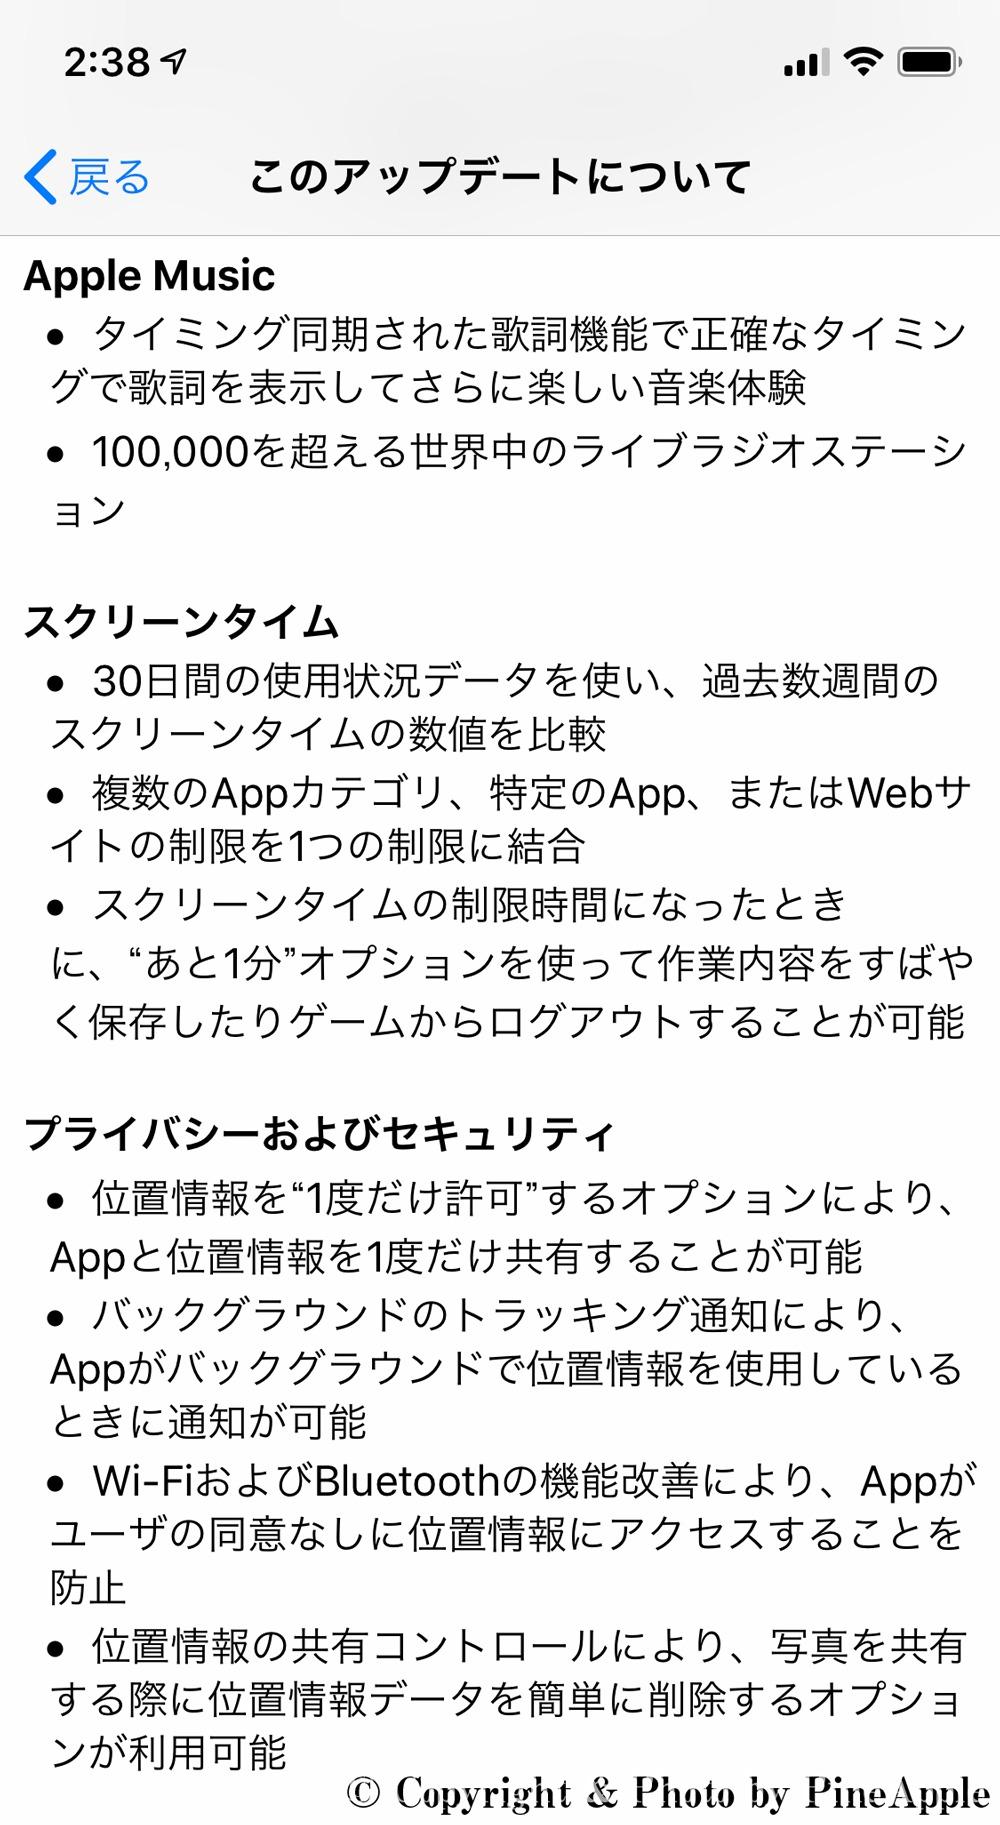 iOS 13:Apple Music、スクリーンタイム、プライバシーおよびセキュリティー